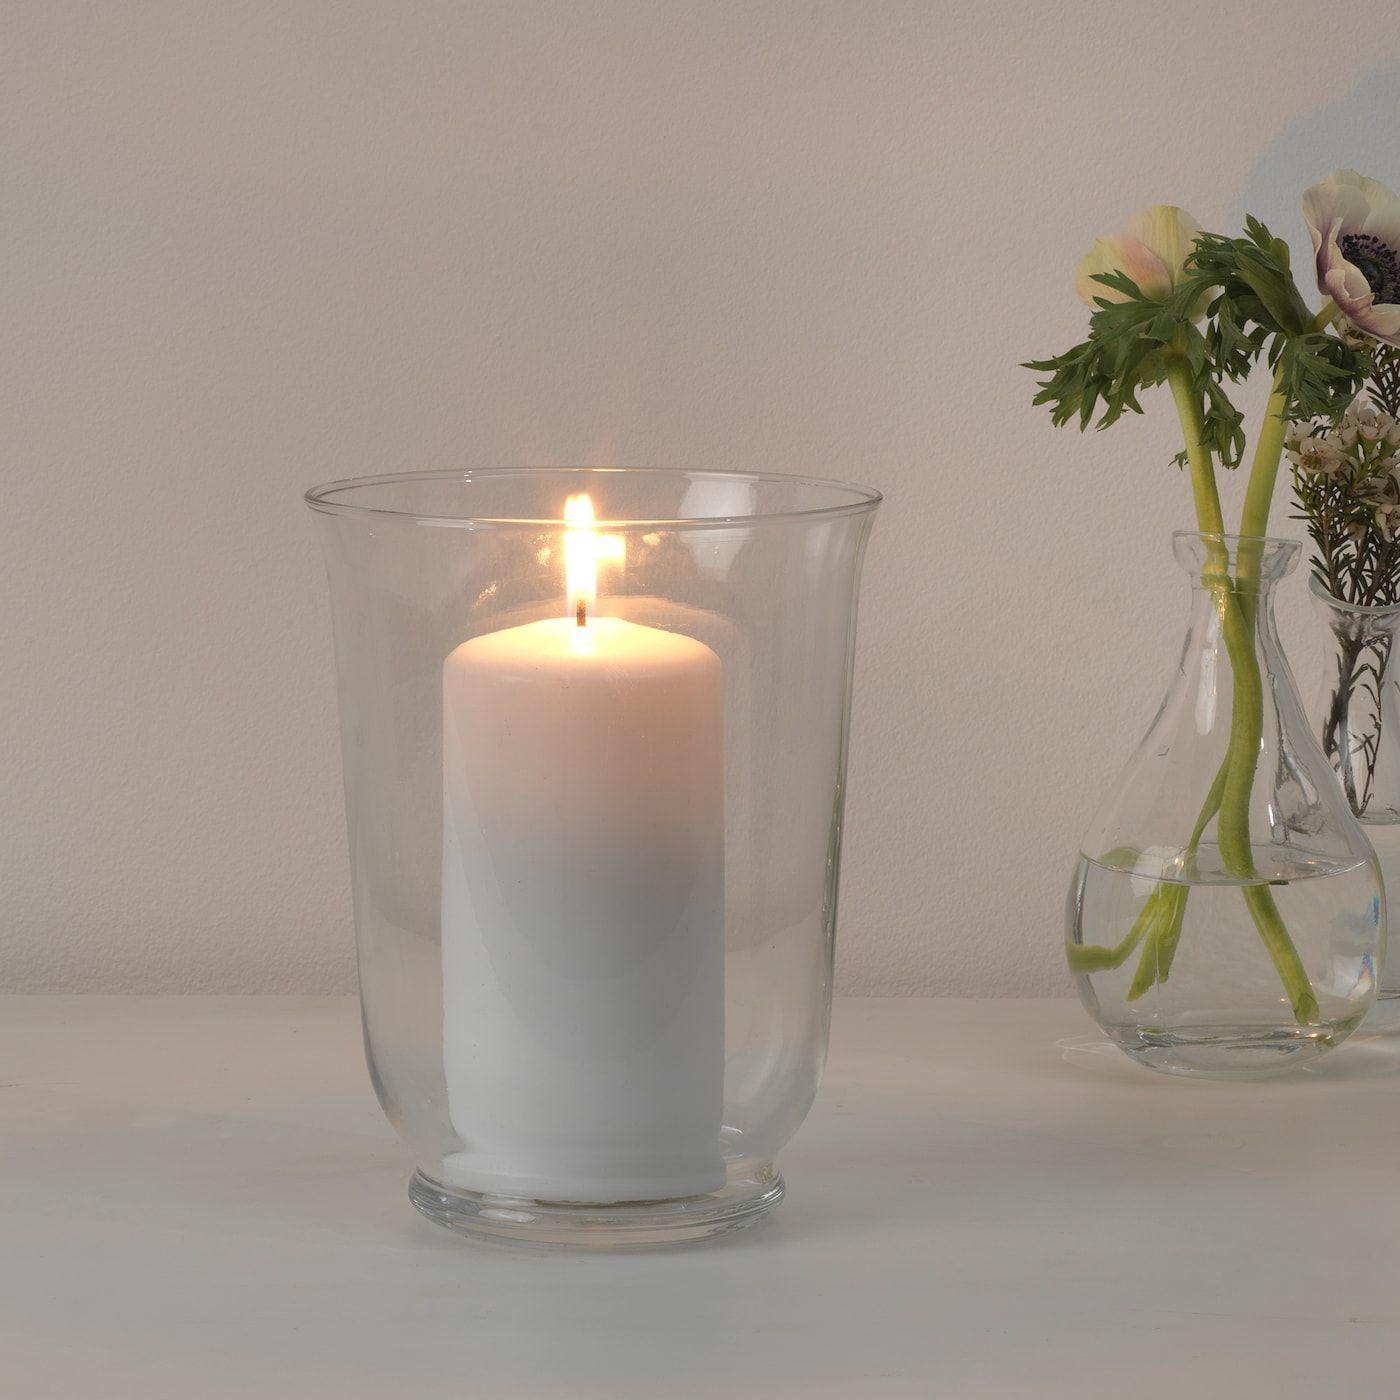 Pomp Vase Windlicht Klarglas In 2020 Kerzenhalter Kerzen